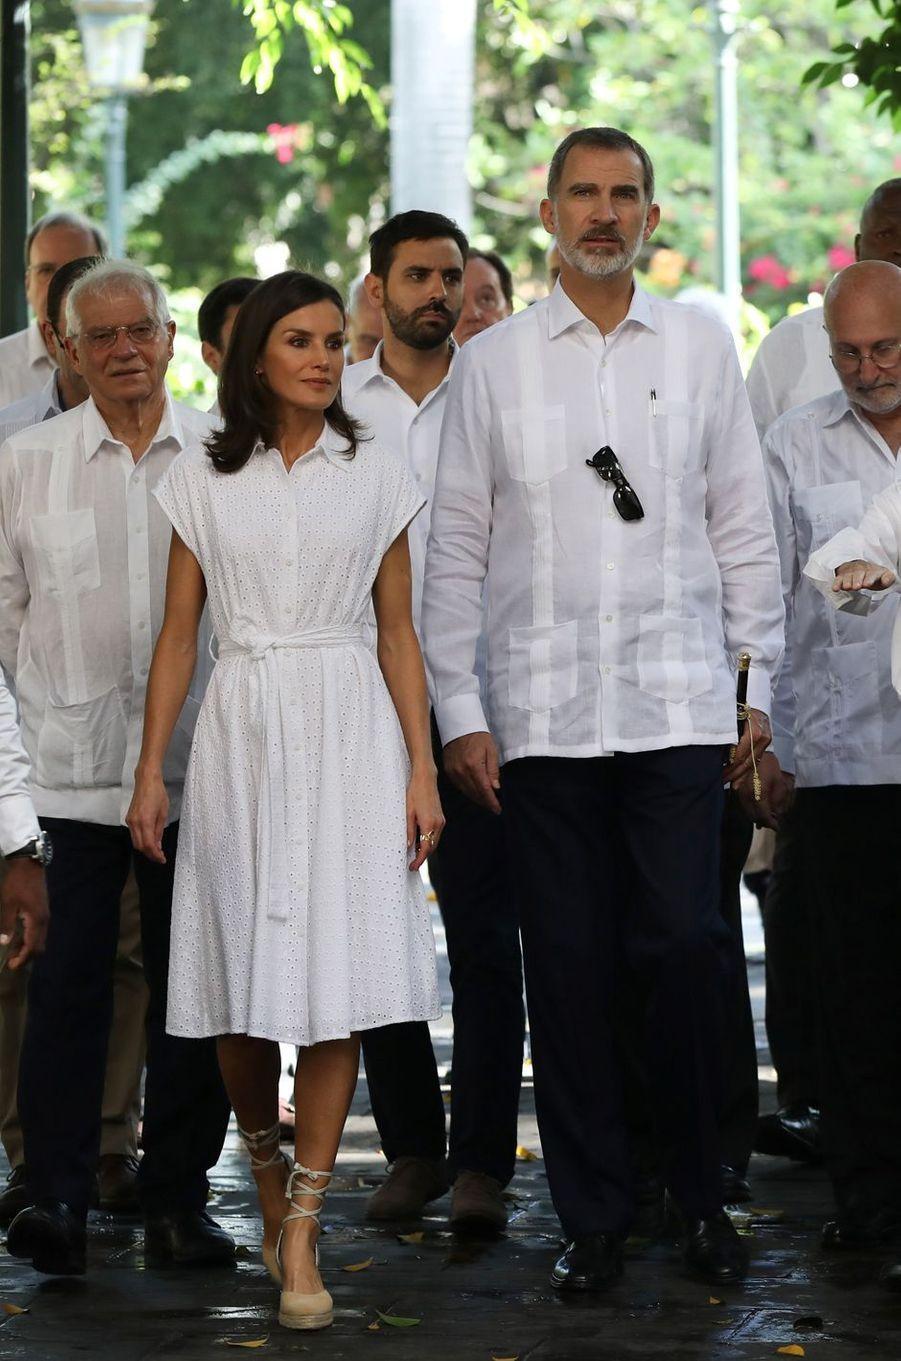 La reine Letizia et le roi Felipe VI d'Espagne visitent La Havane, le 13 novembre 2019